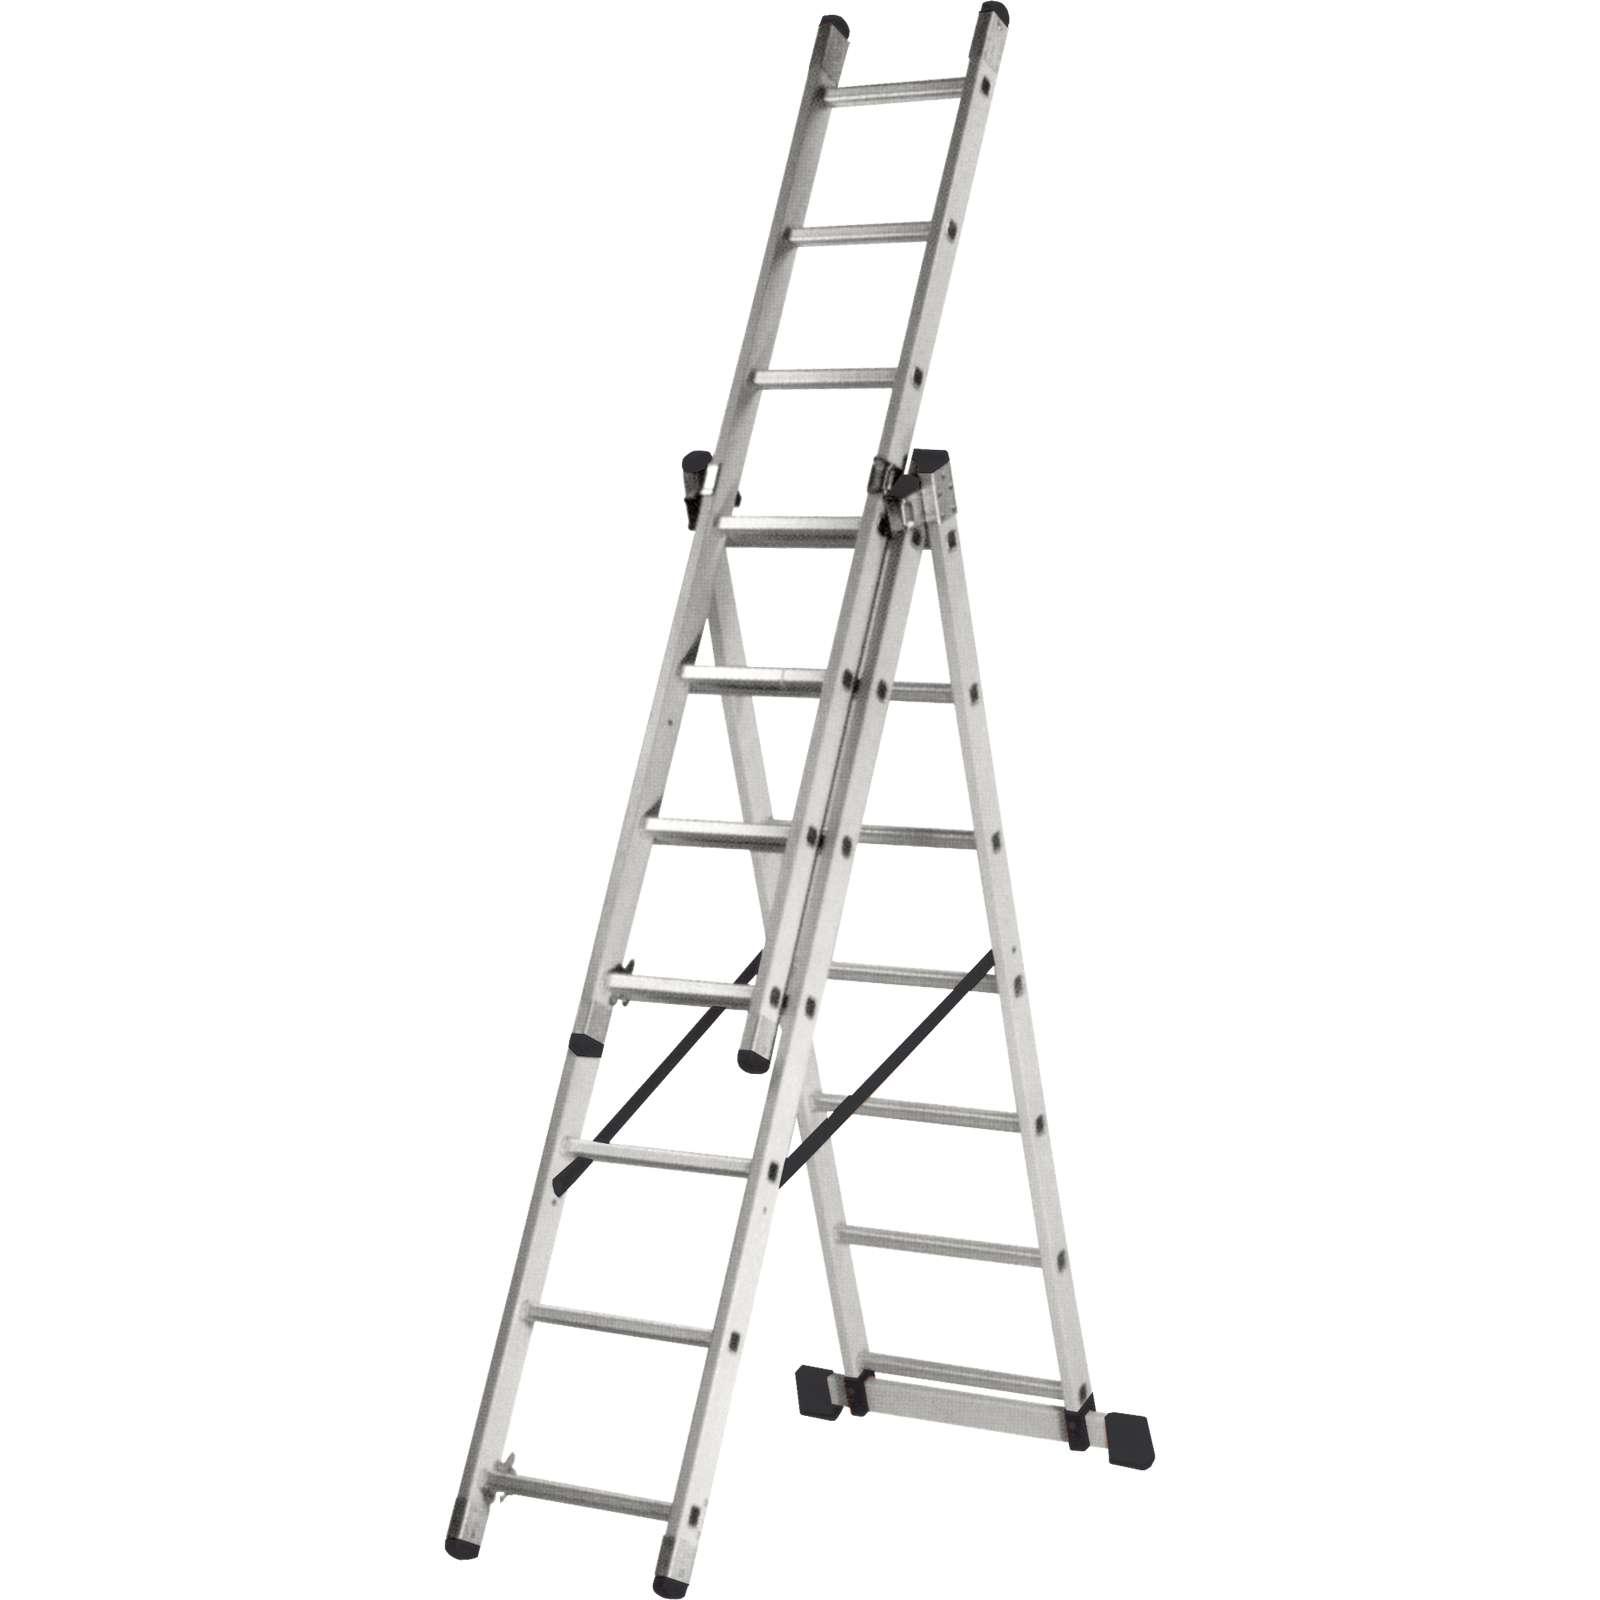 Трехсекционная лестница Кратон, 93 см